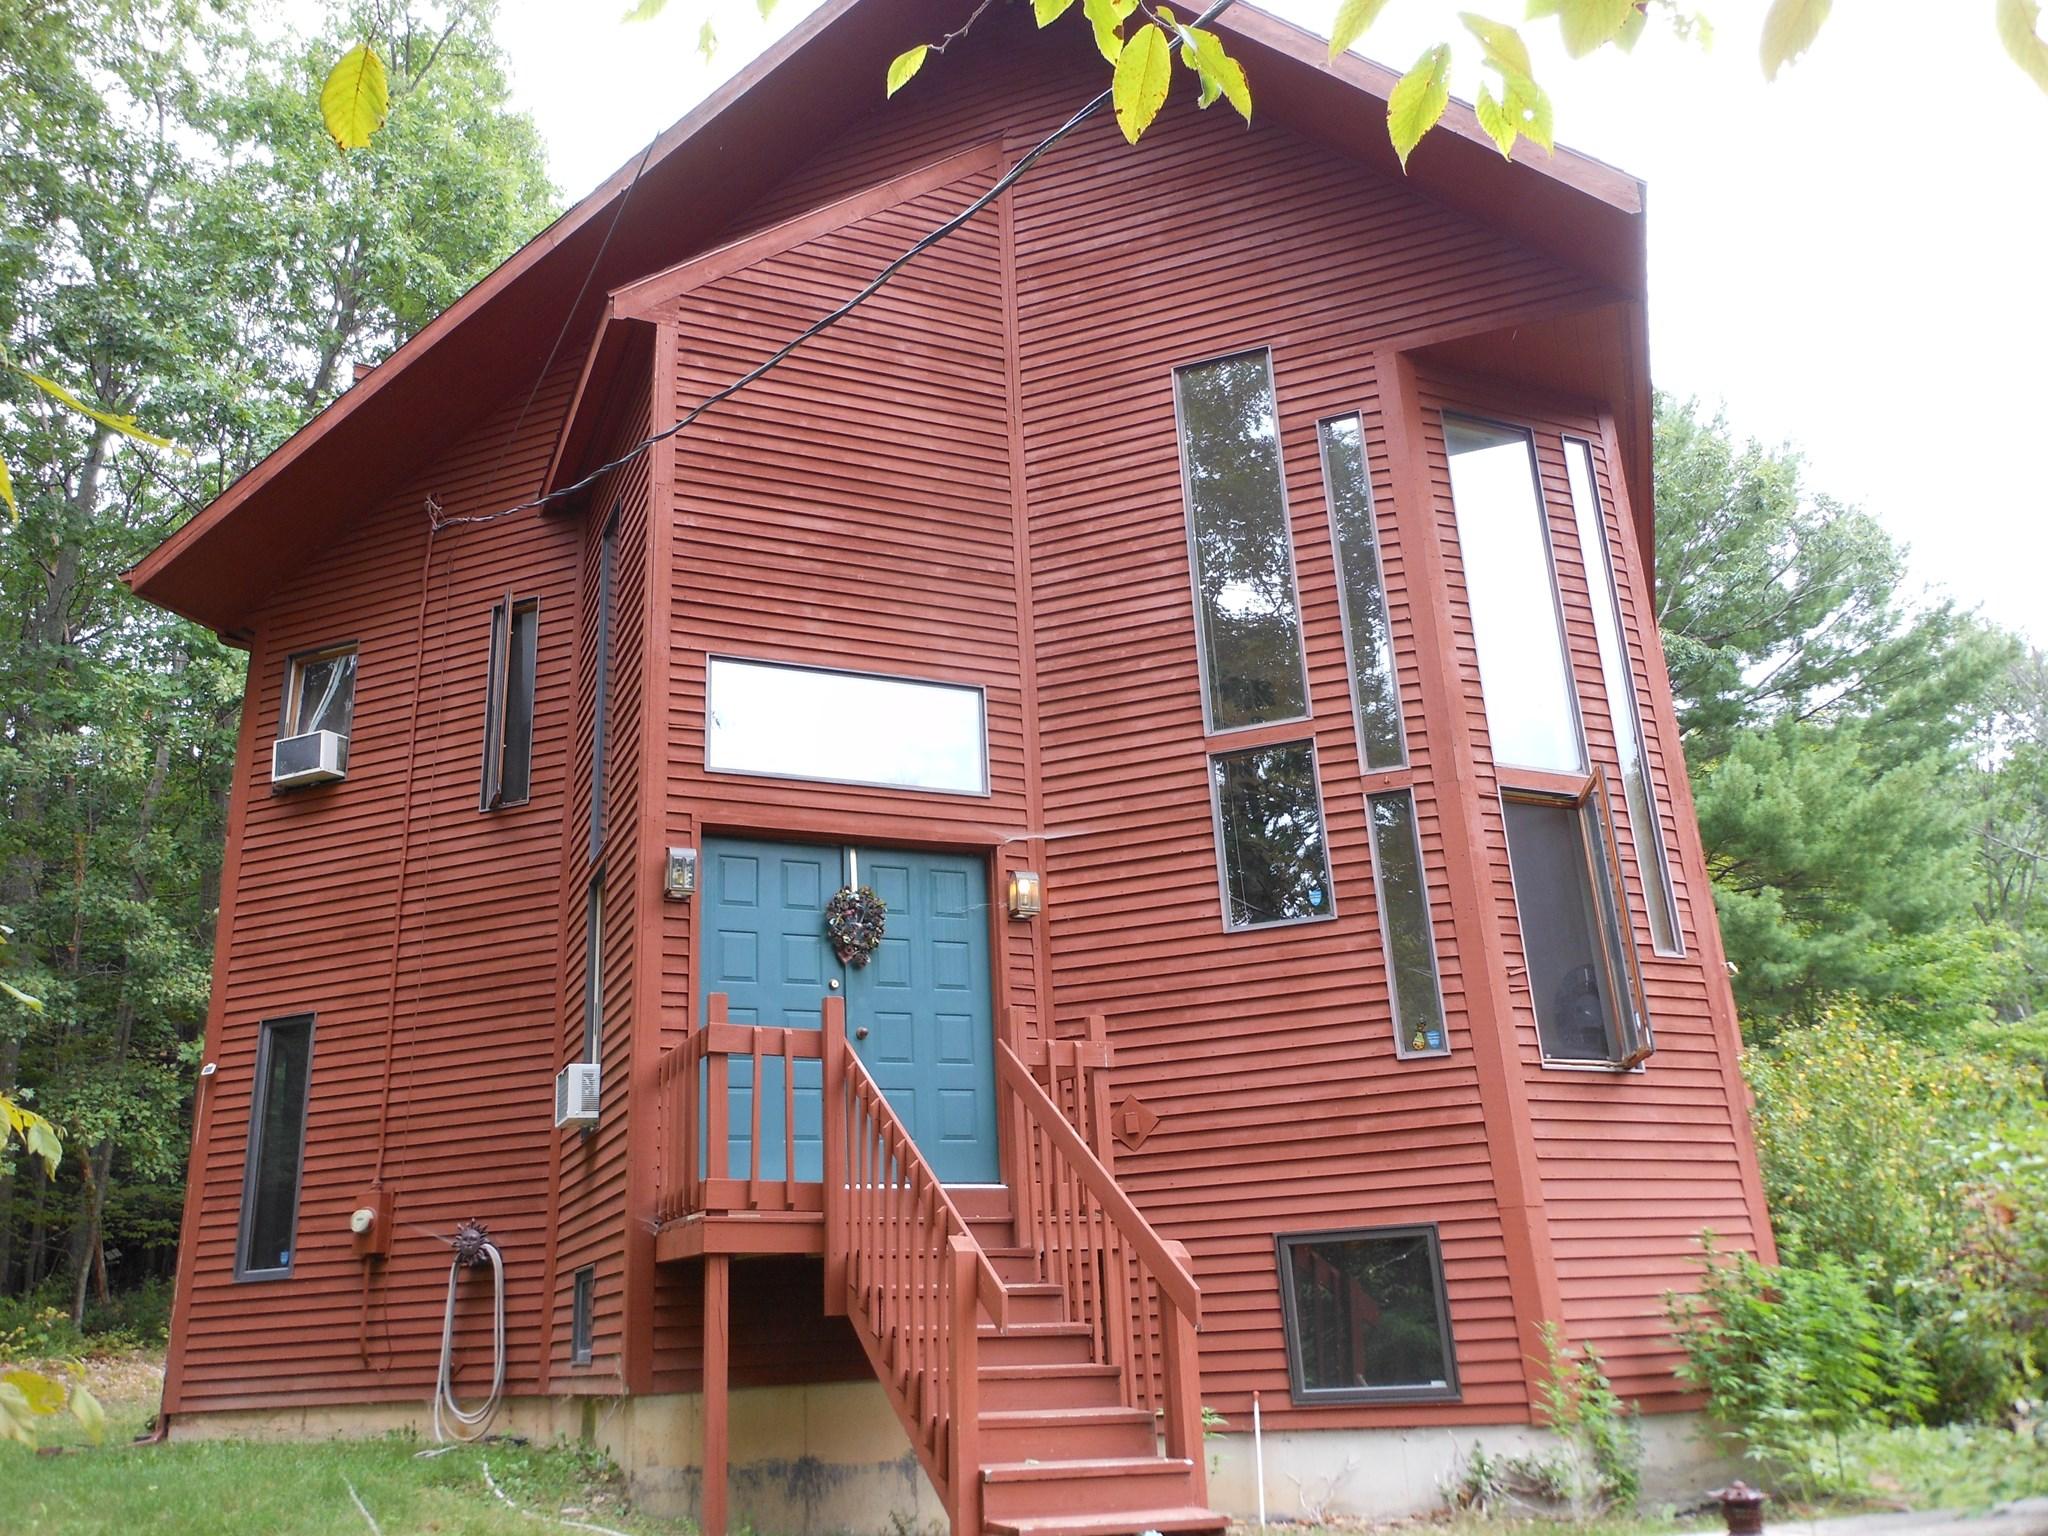 19 SMITH HILL RD, Troy, NY 12180